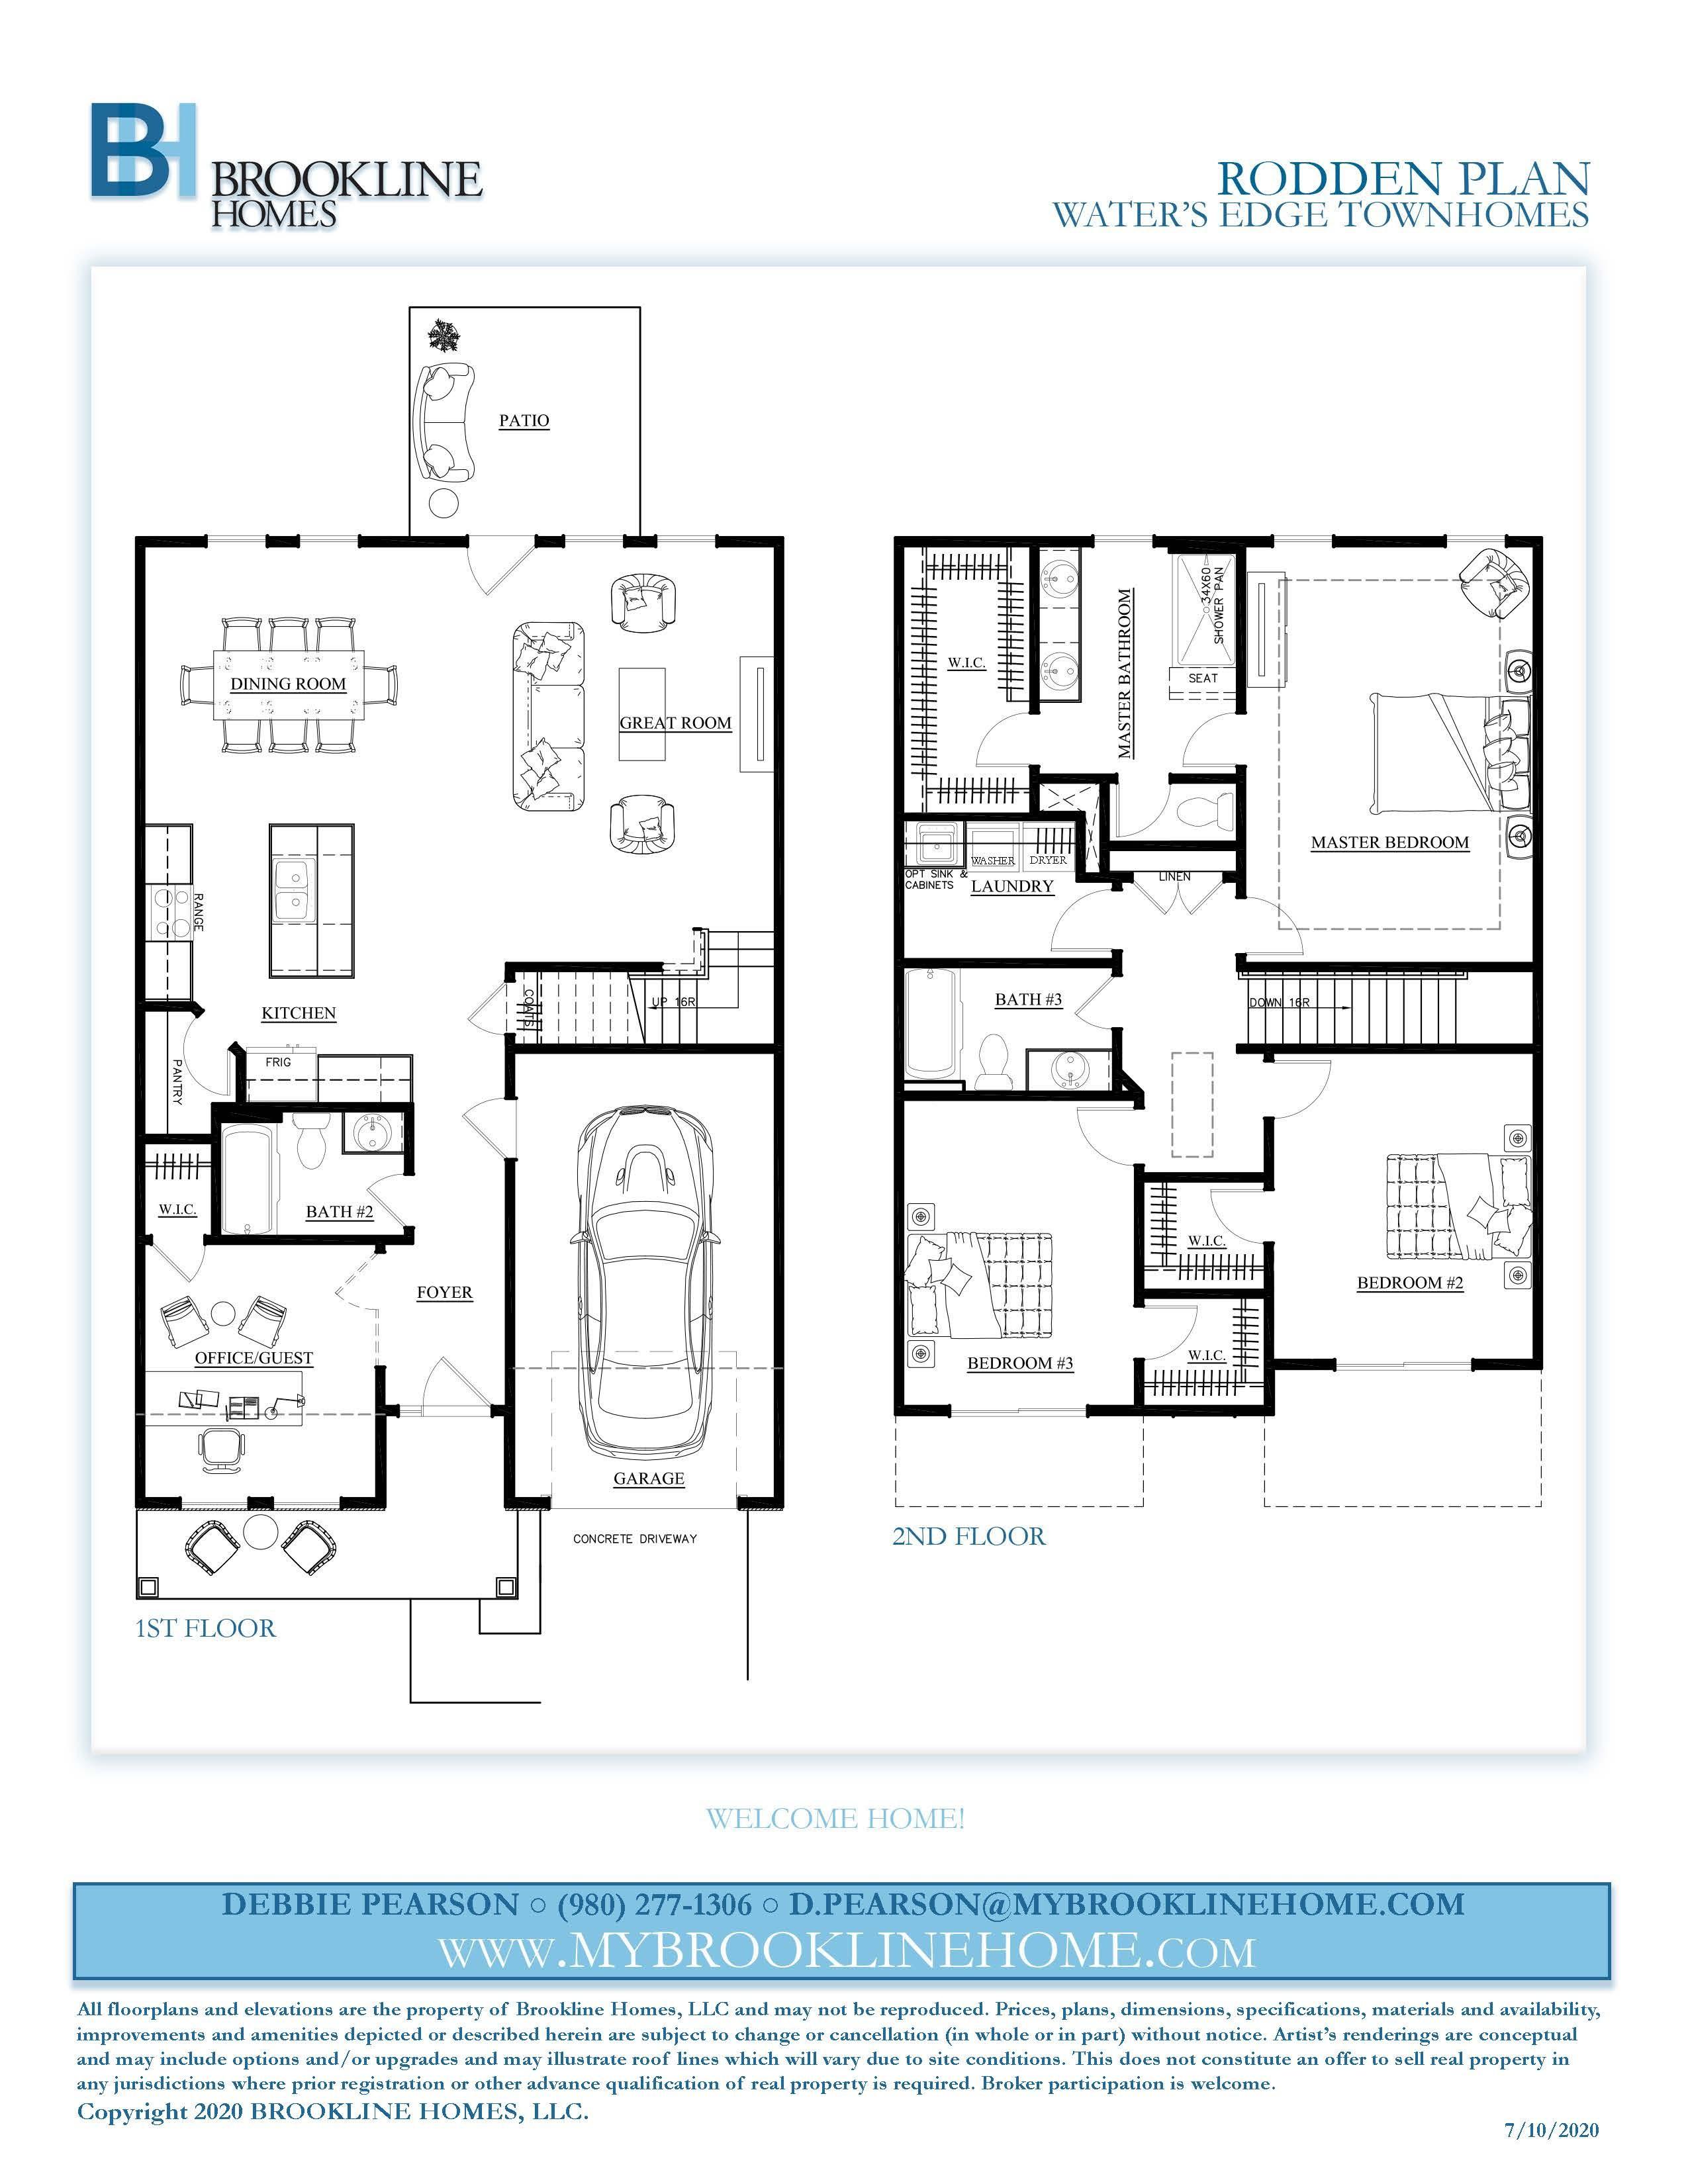 Rodden Floorplan WITH FURNITURE 7.10.20.jpg